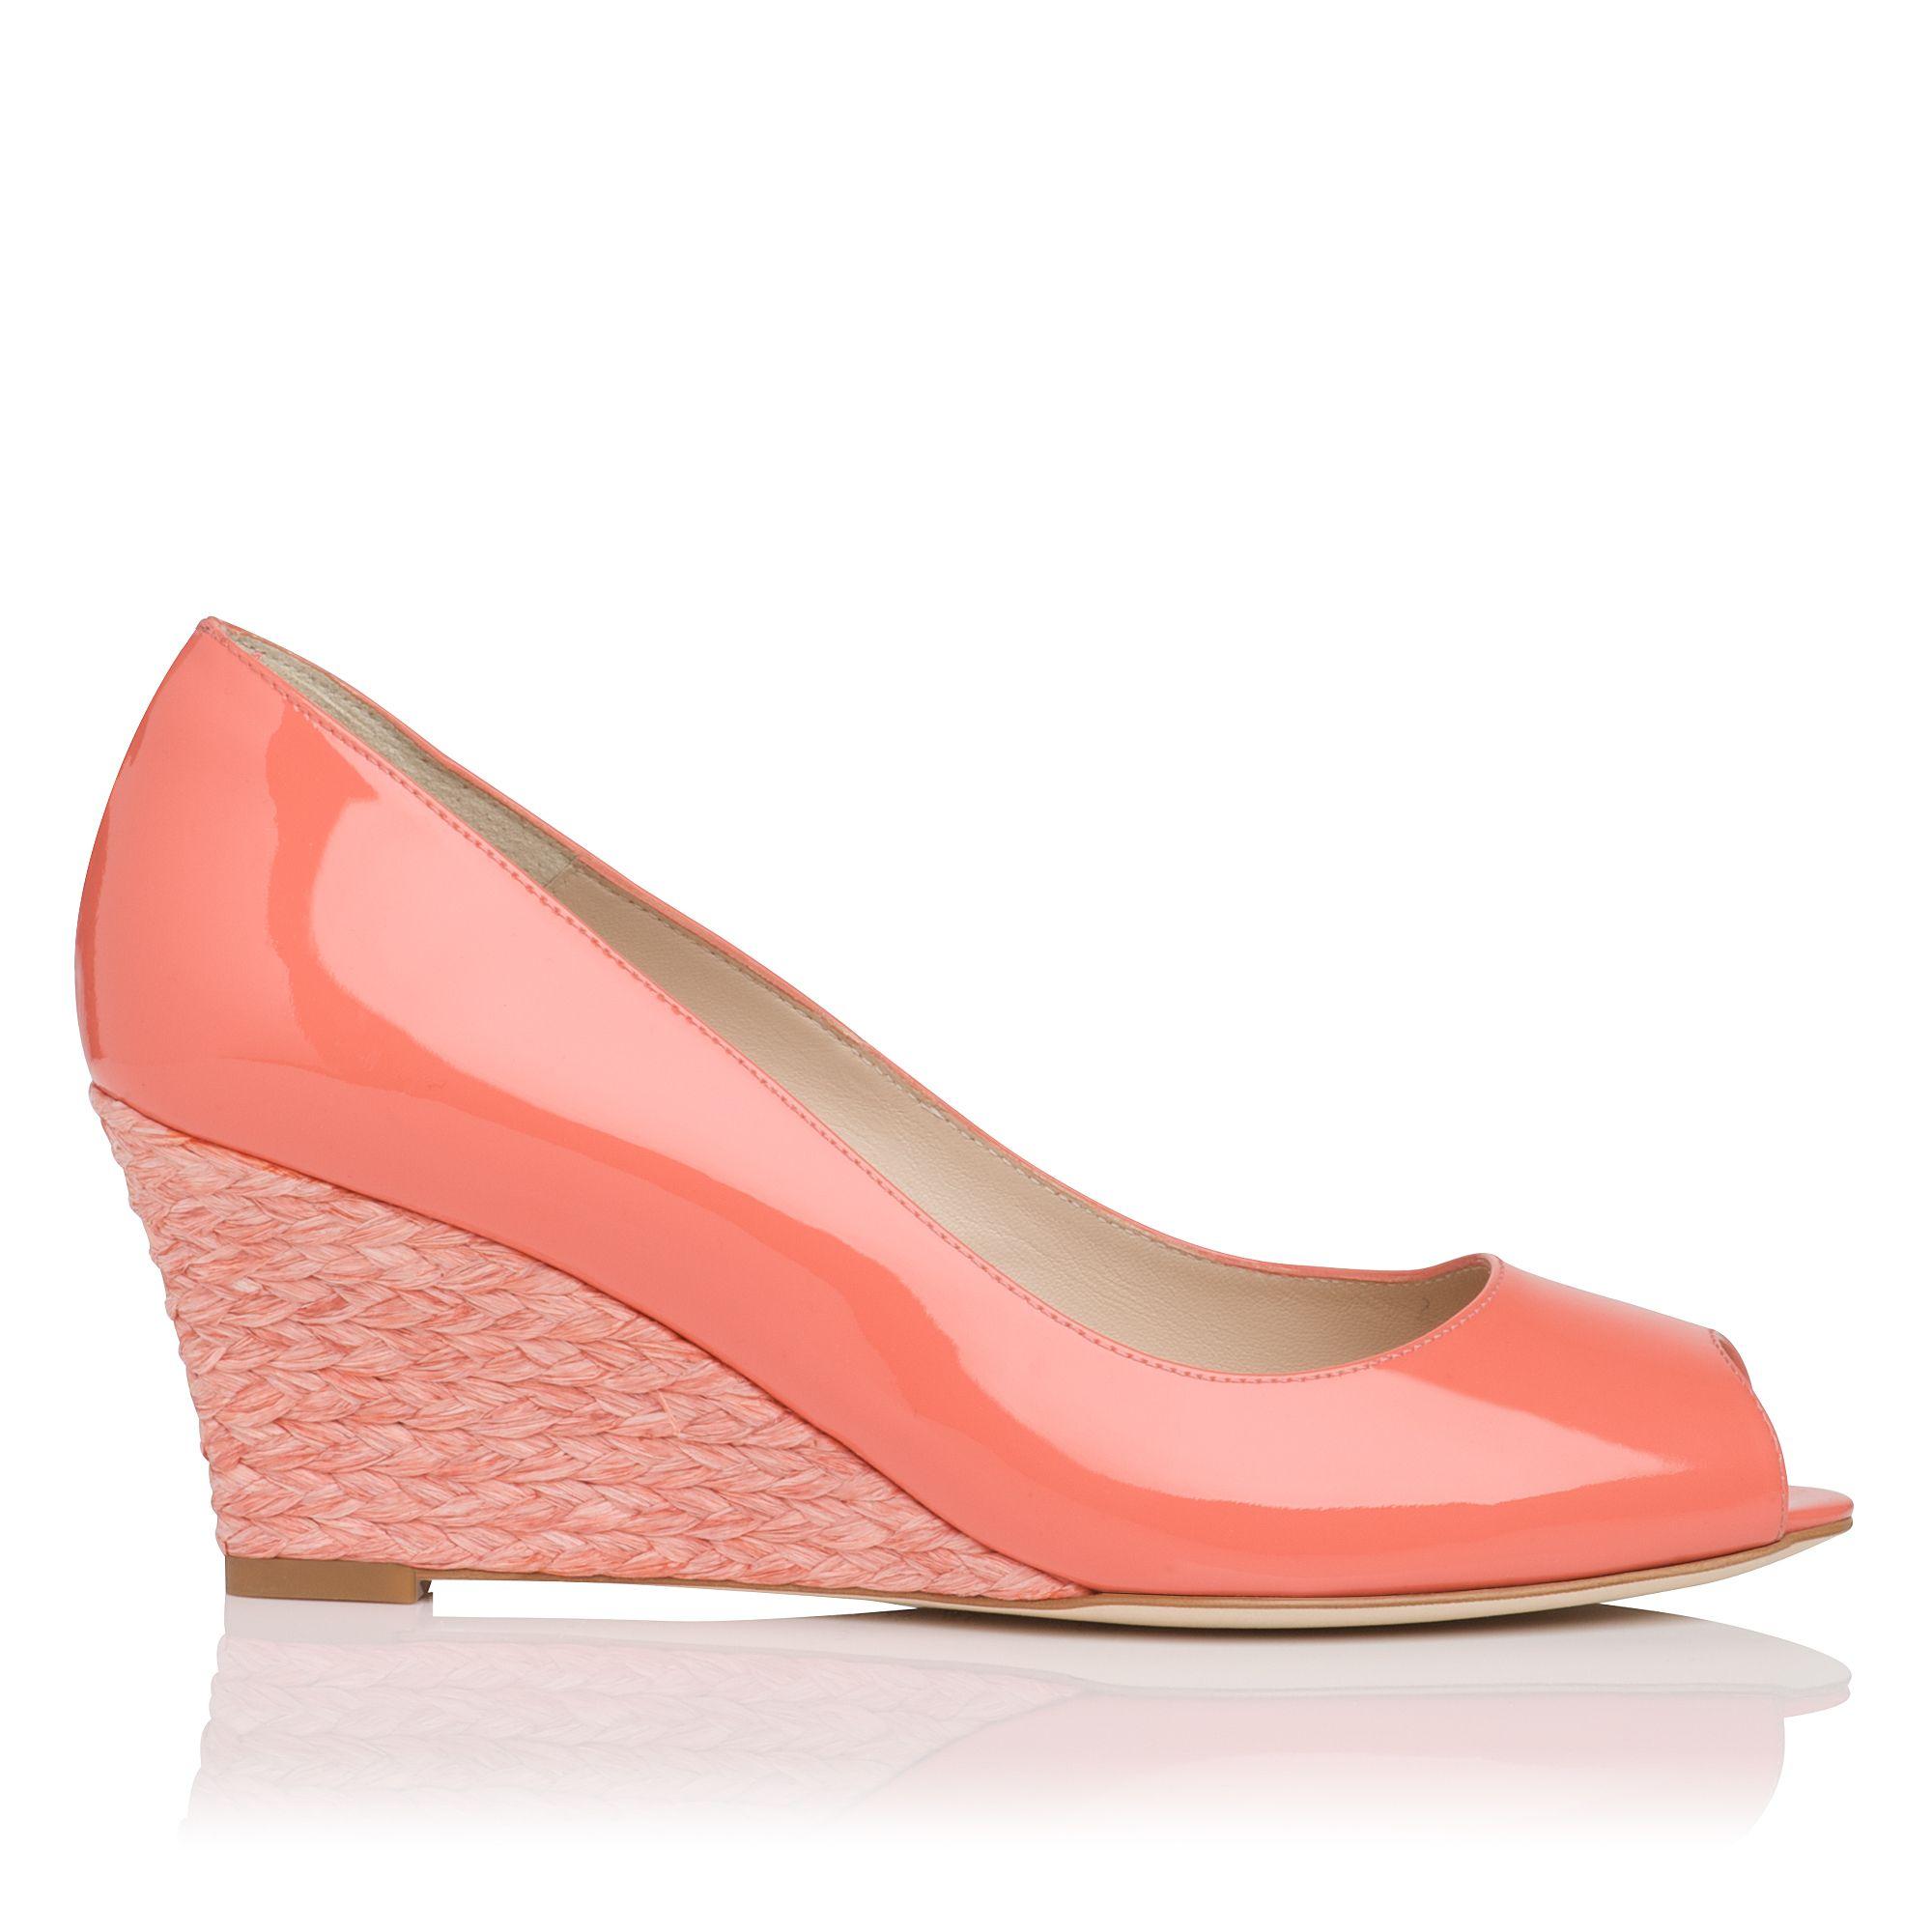 Comfortable Wedge Shoes Caspar Womens Shoes Sandals Peep